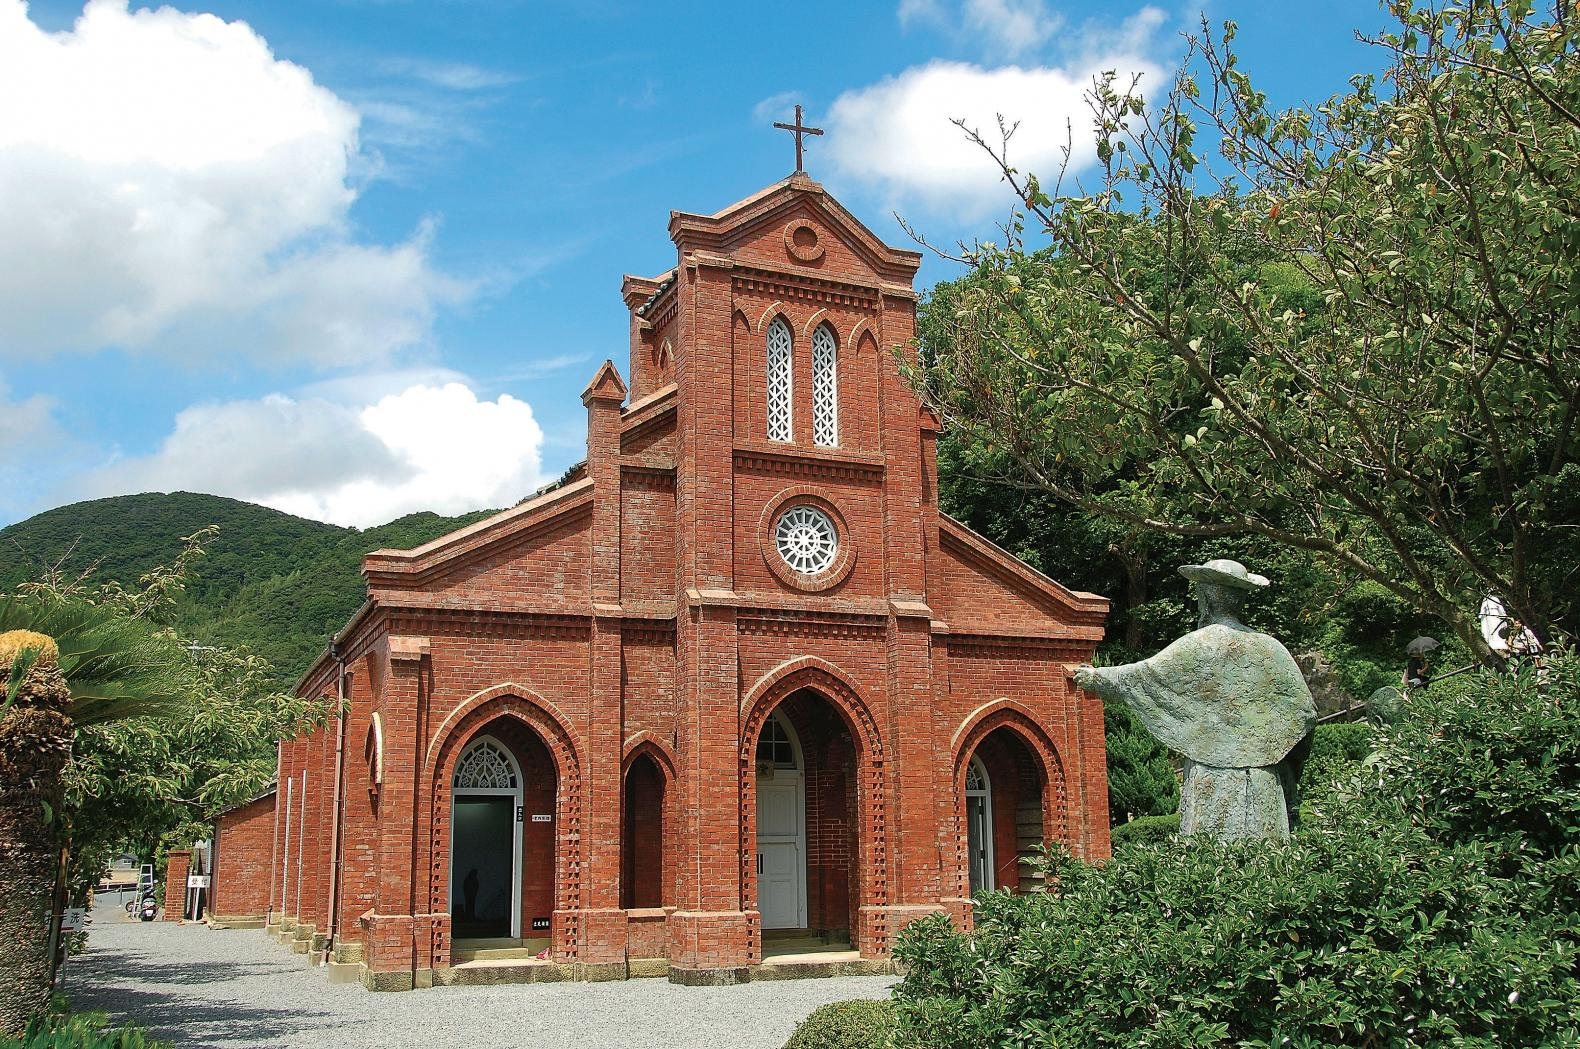 【Day 2】Dozaki Church-1